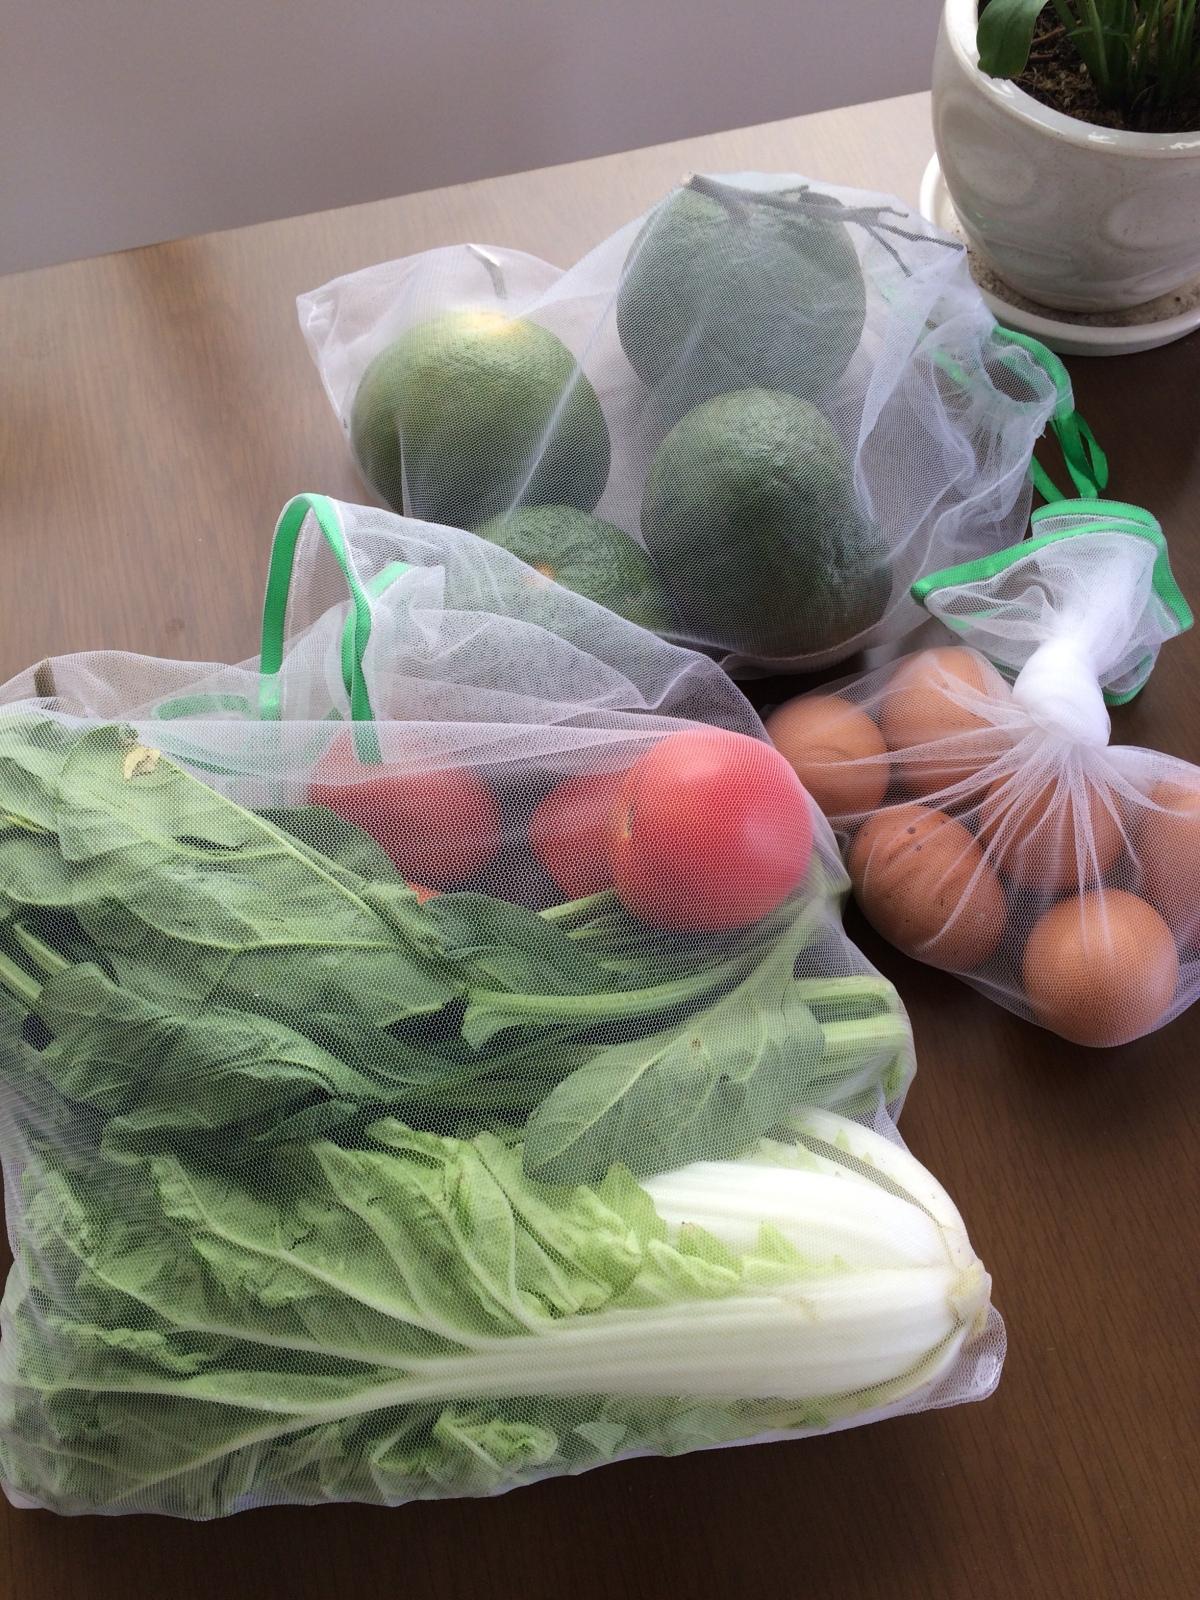 How to do a plastic free food shop inSaigon